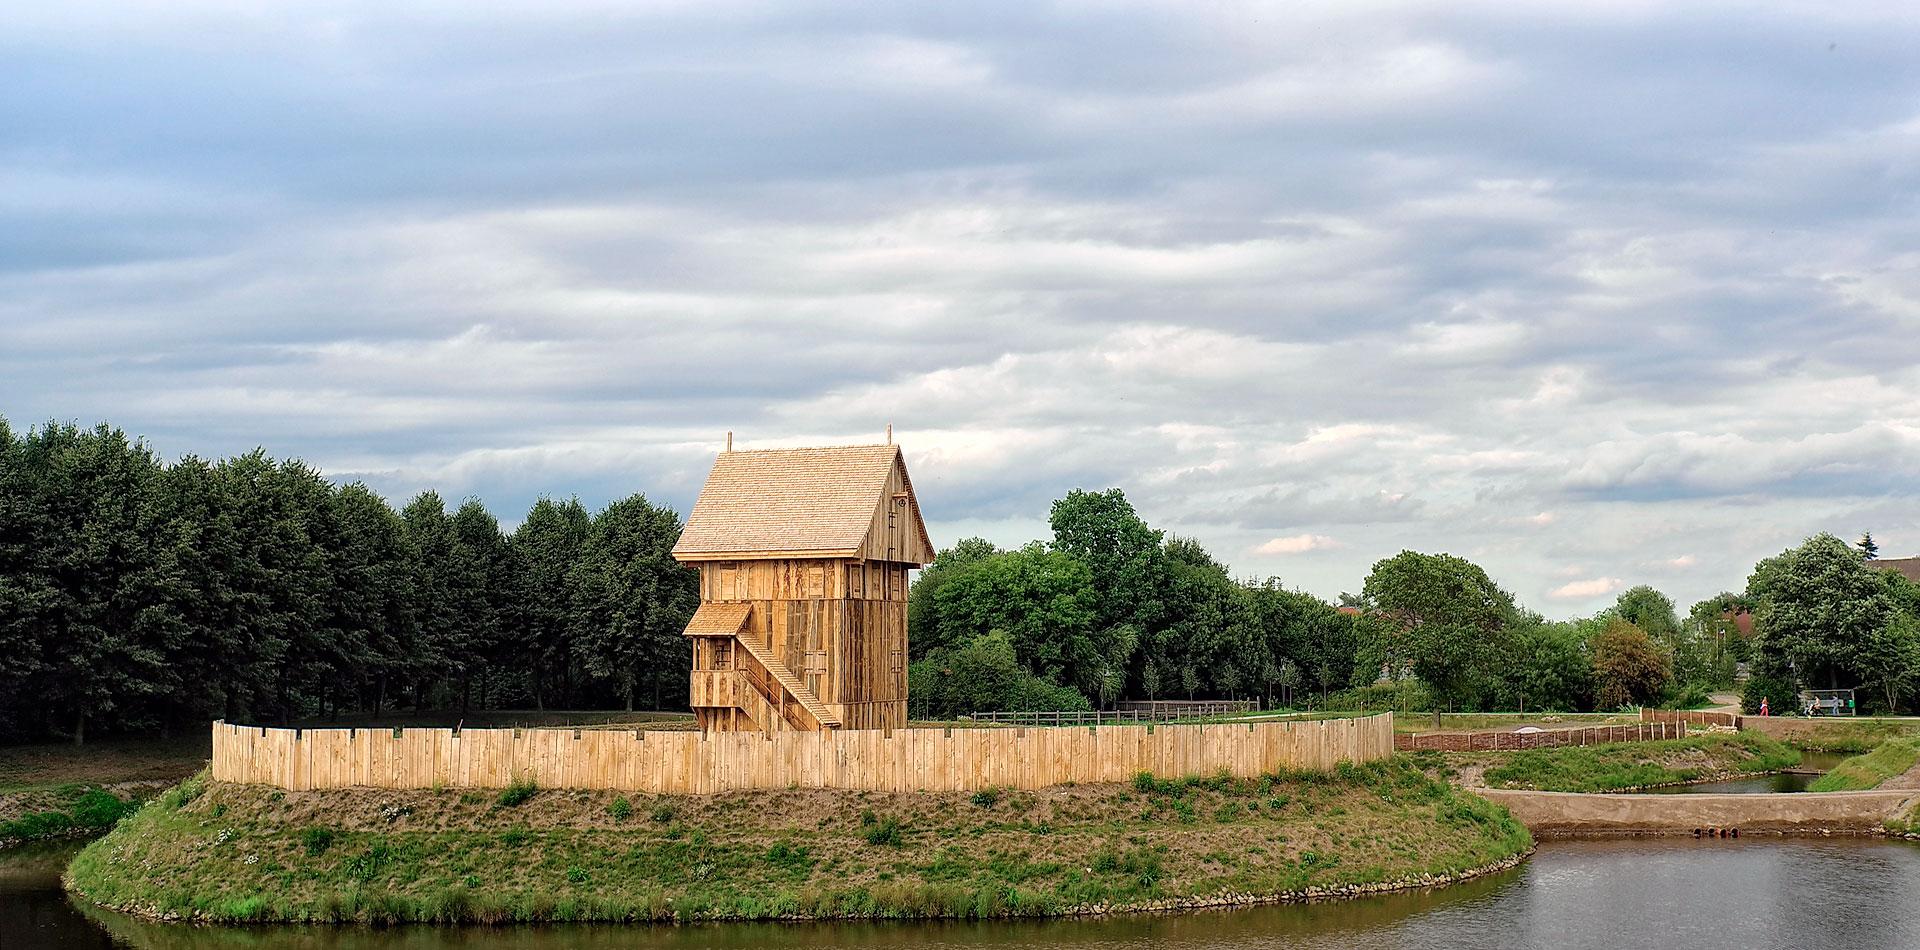 Turm des »Castrums Vechtense«, August 2013 (Foto: Bitter)